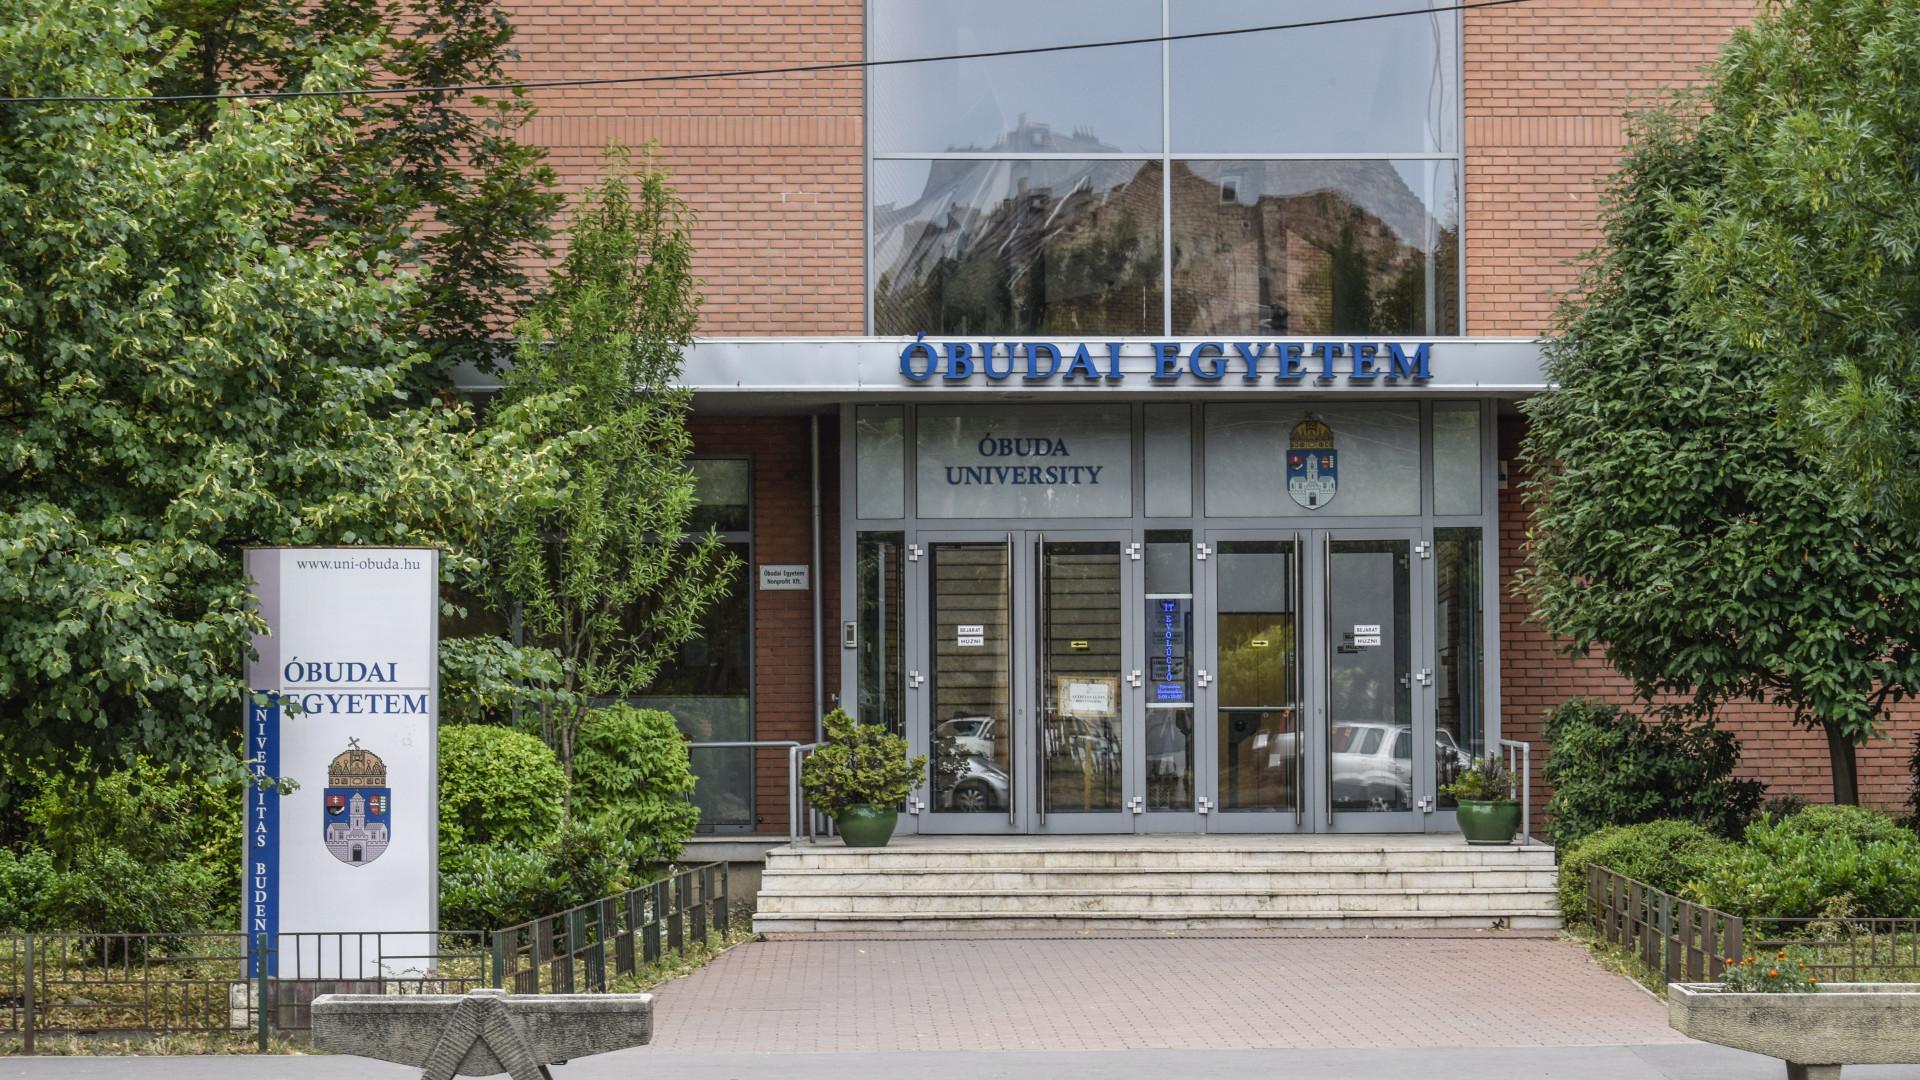 11 milliárd forintos campusfejlesztési támogatást kap az Óbudai Egyetem